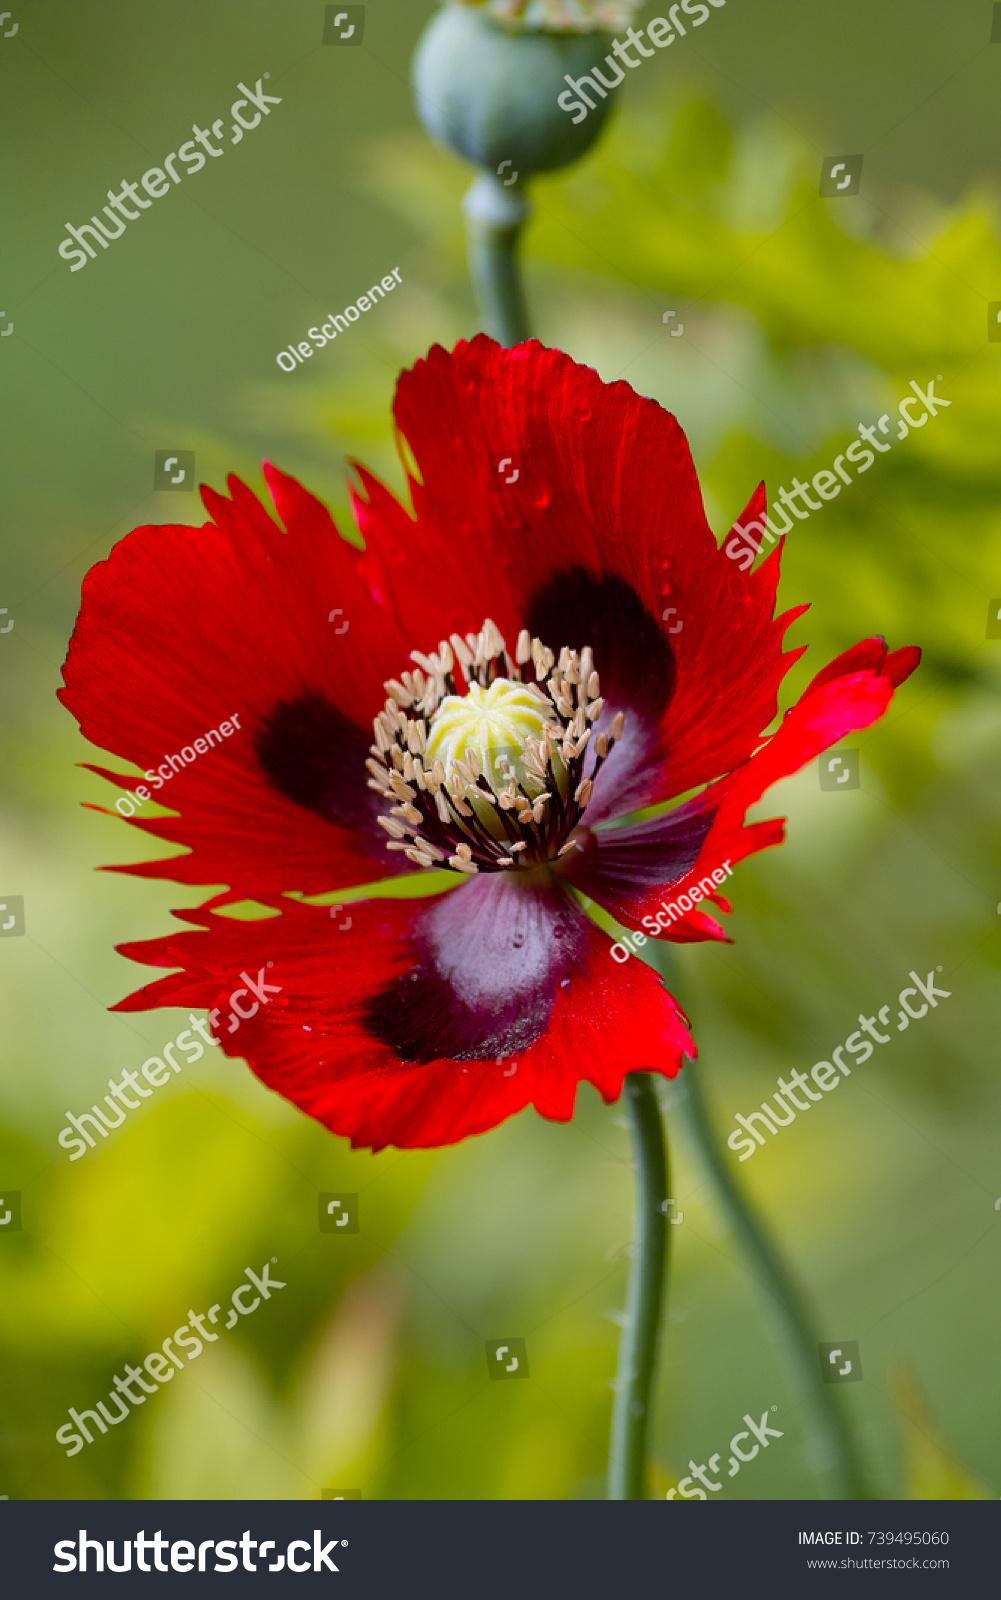 Red fringed flower opium poppy papaver stock photo royalty free red fringed flower opium poppy papaver stock photo royalty free 739495060 shutterstock mightylinksfo